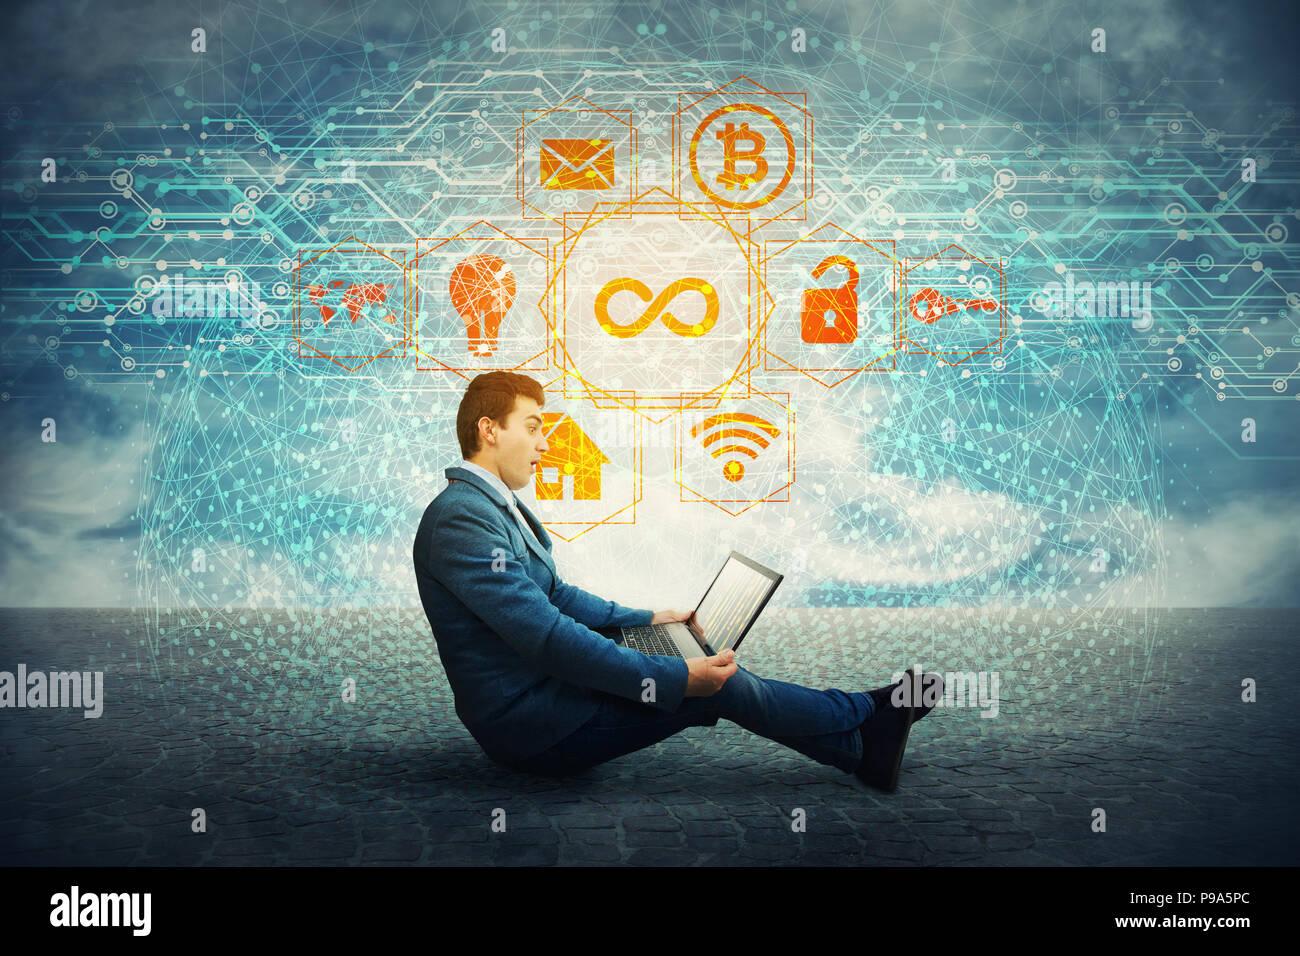 Stupiti studente guardando un laptop come ologramma realistico venuta fuori dello schermo. Il mondo moderno di intrattenimento o di affari la tecnologia del computer. Infinito Immagini Stock